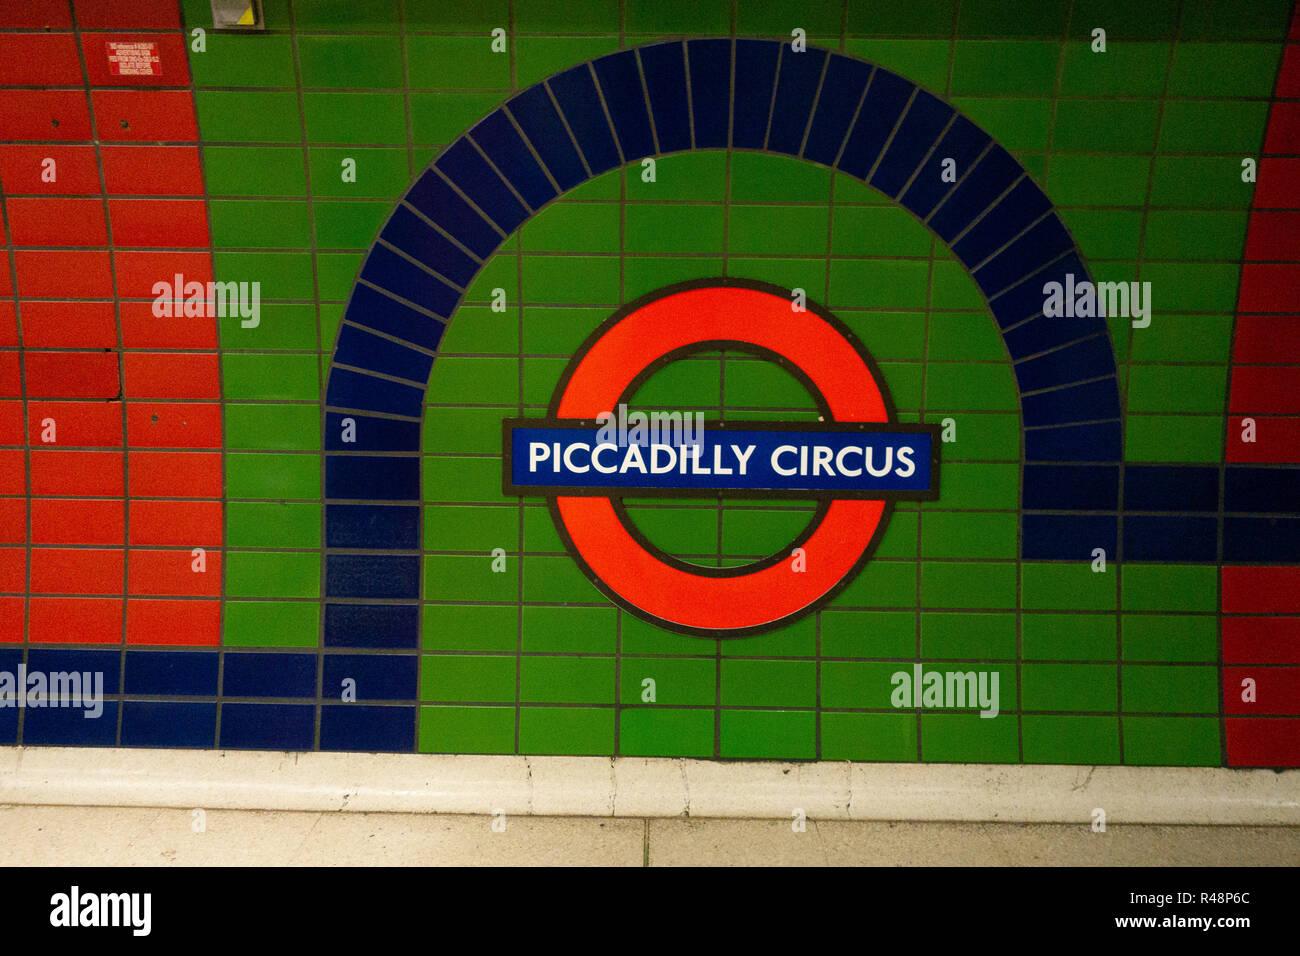 Piccadilly Circus London Iconic Underground Tube sign Logo - Stock Image